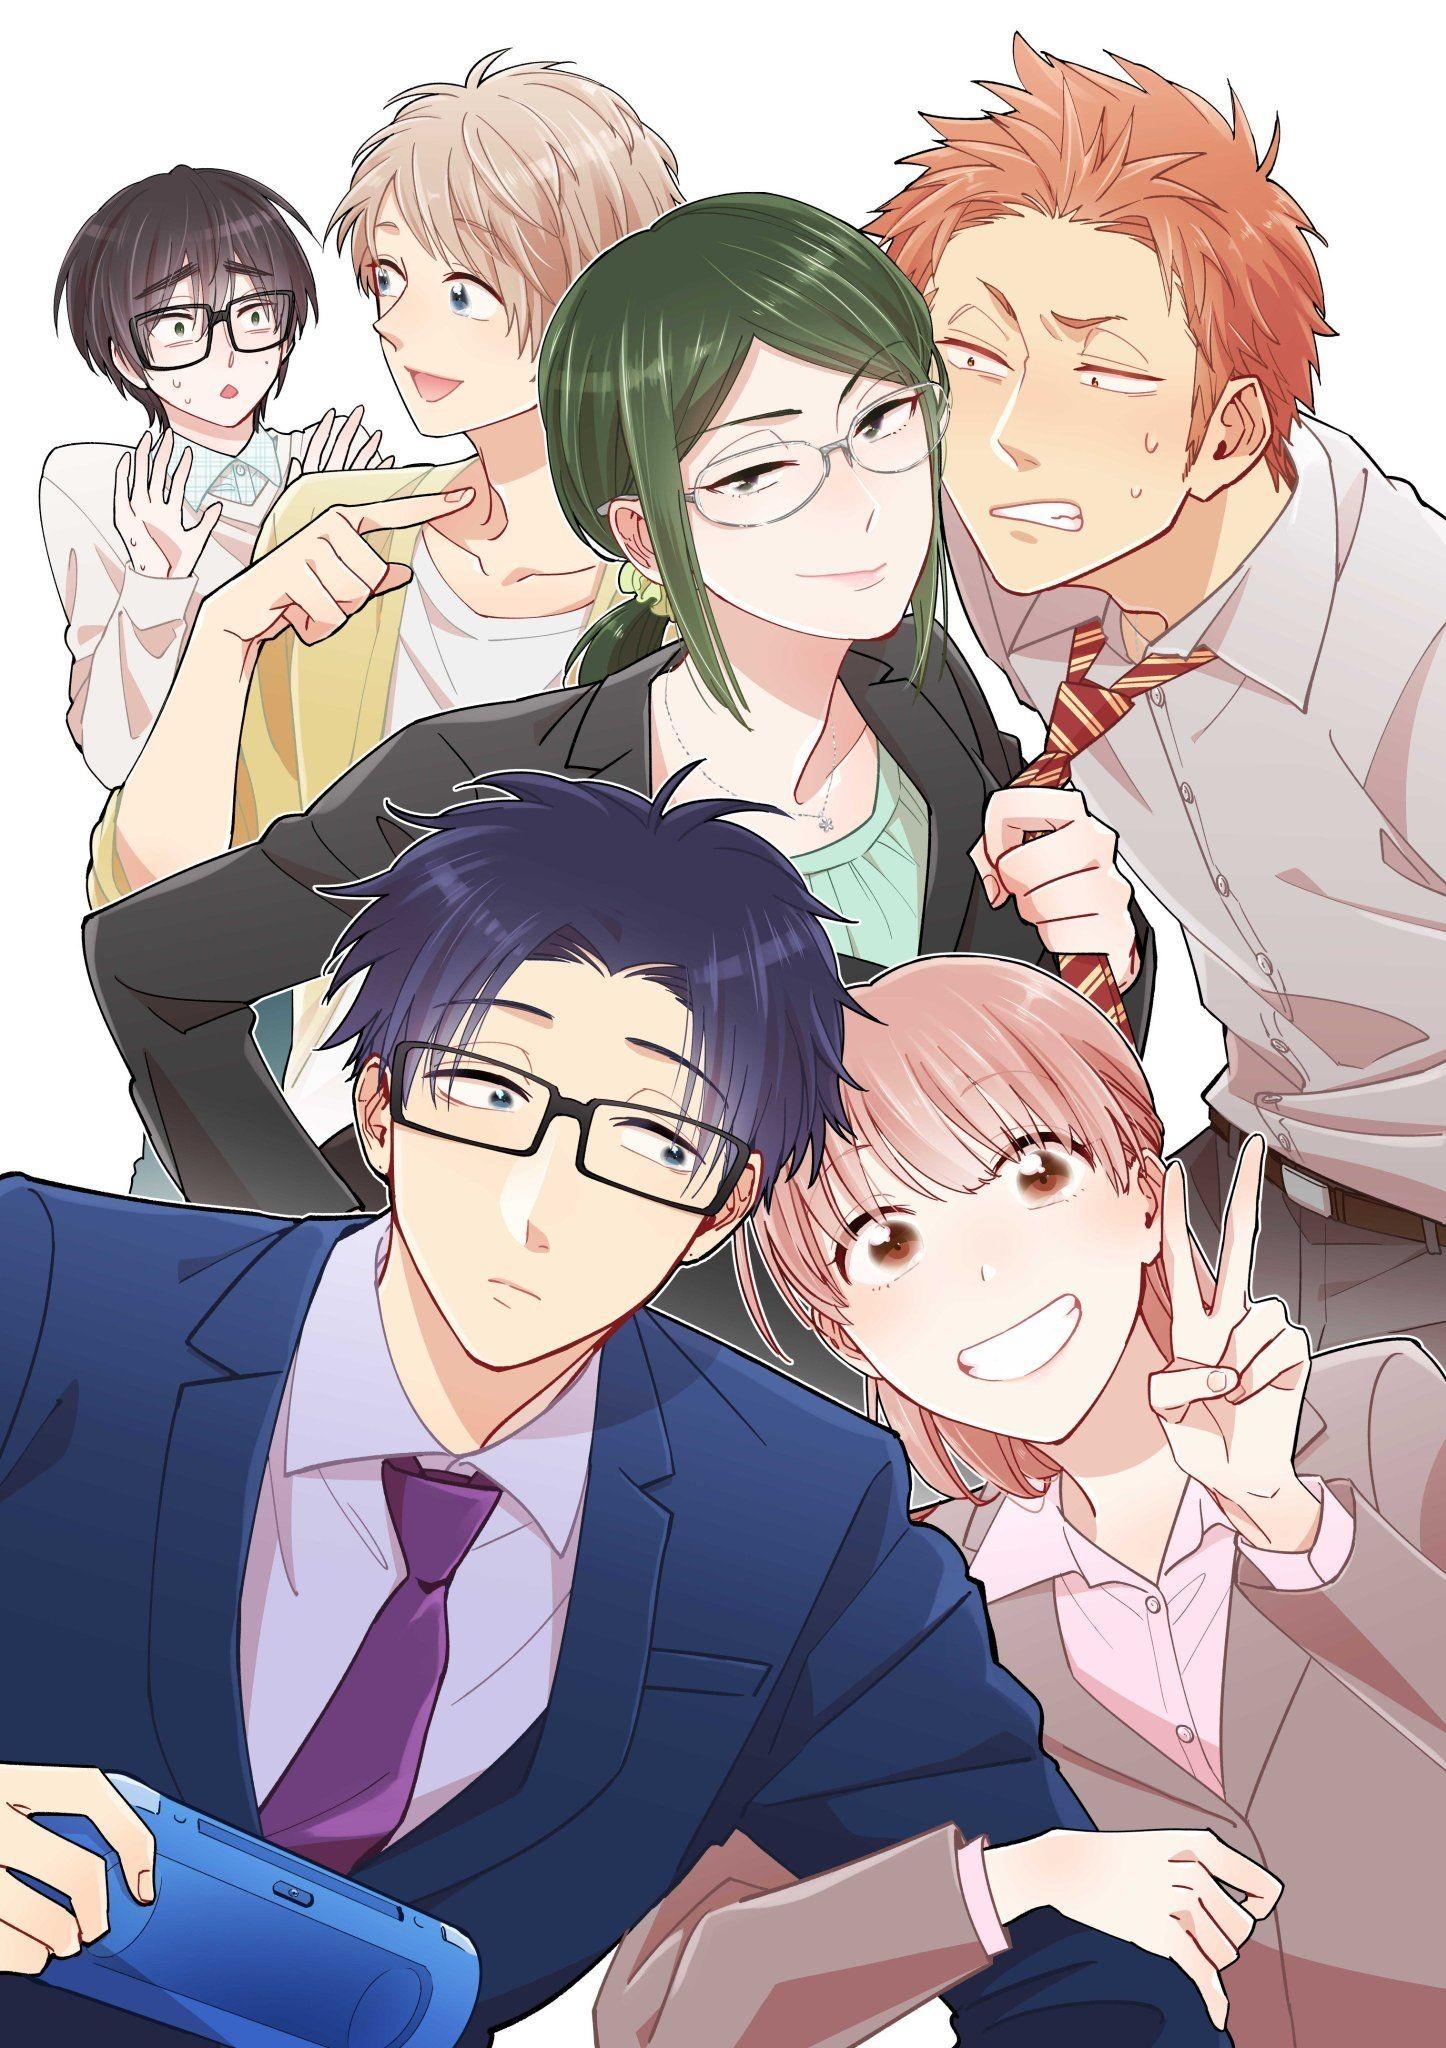 Res: 1446x2048, Wotaku ni Koi wa Muzukashii (Love Is Hard For An Otaku) - Zerochan .